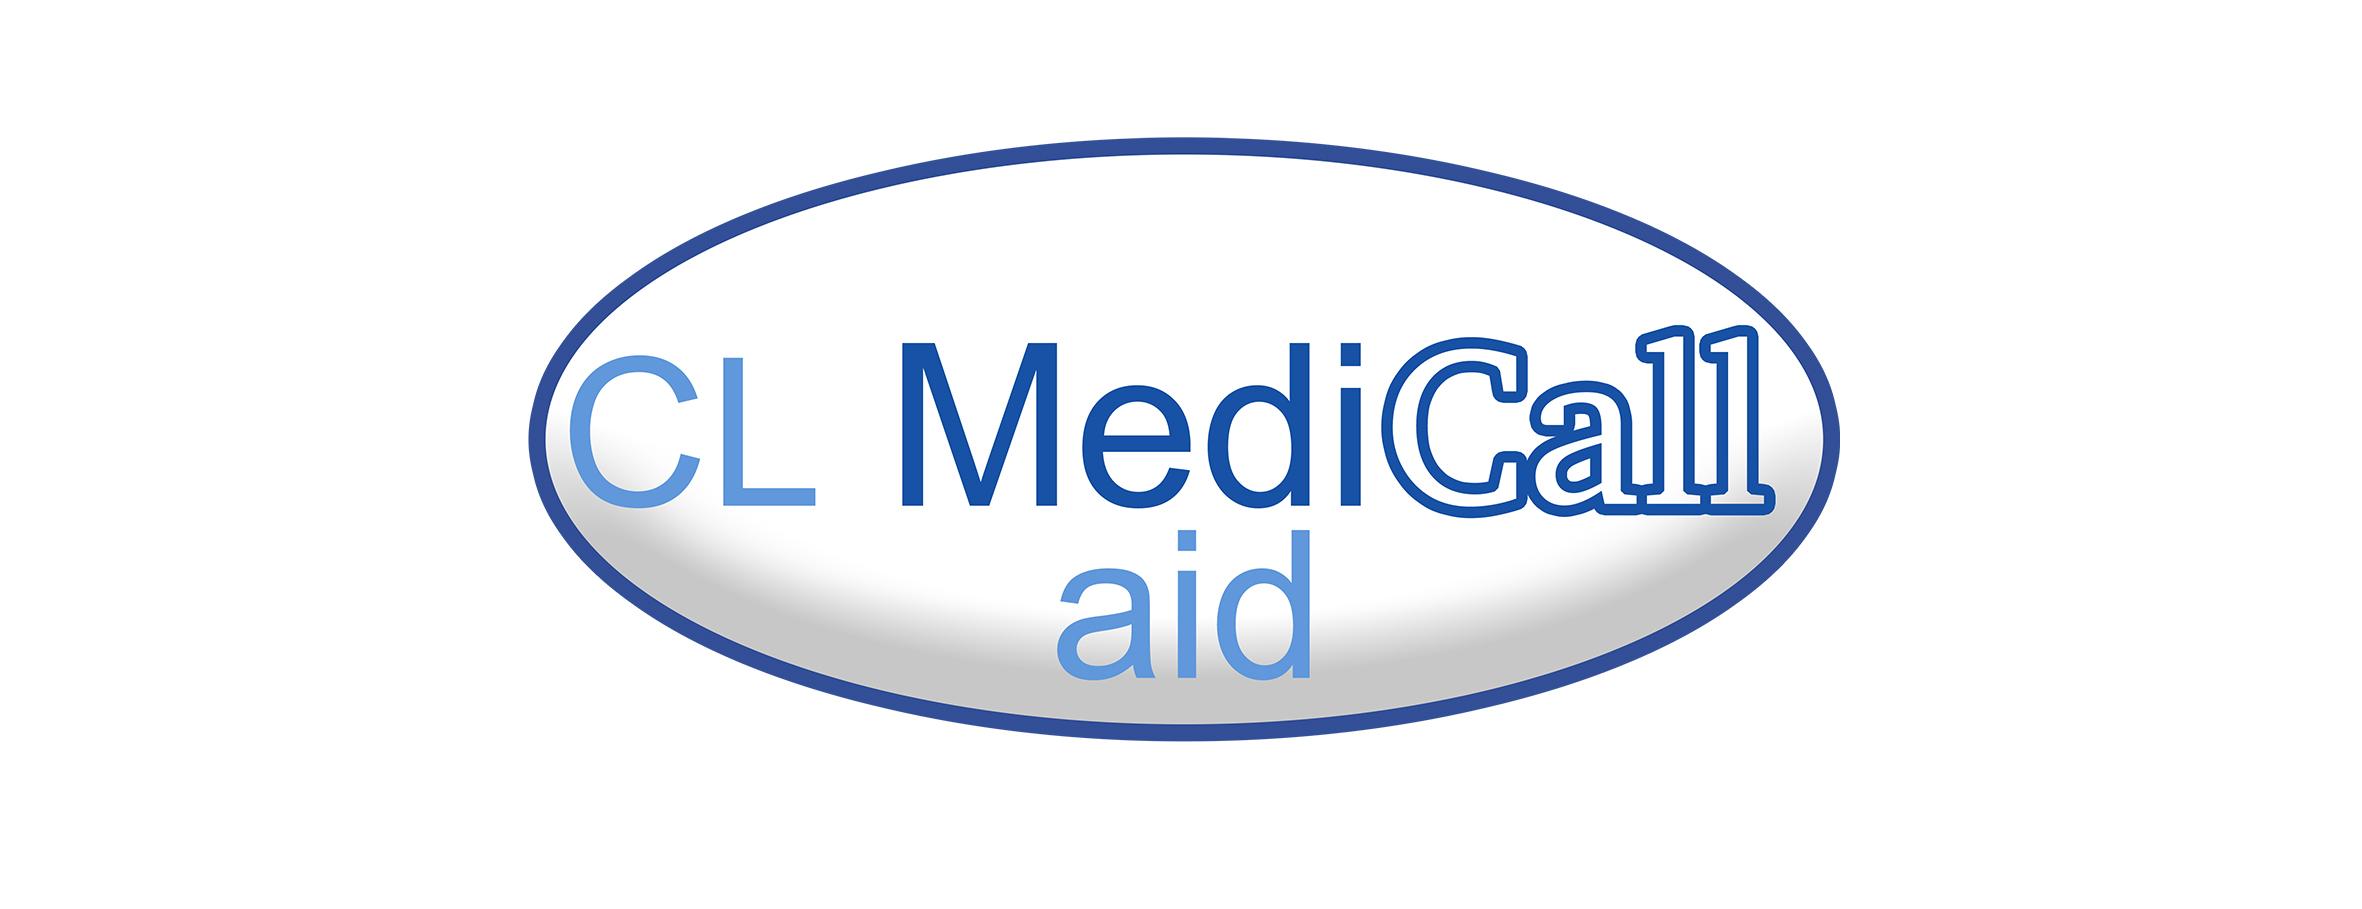 cl medicall aid logo